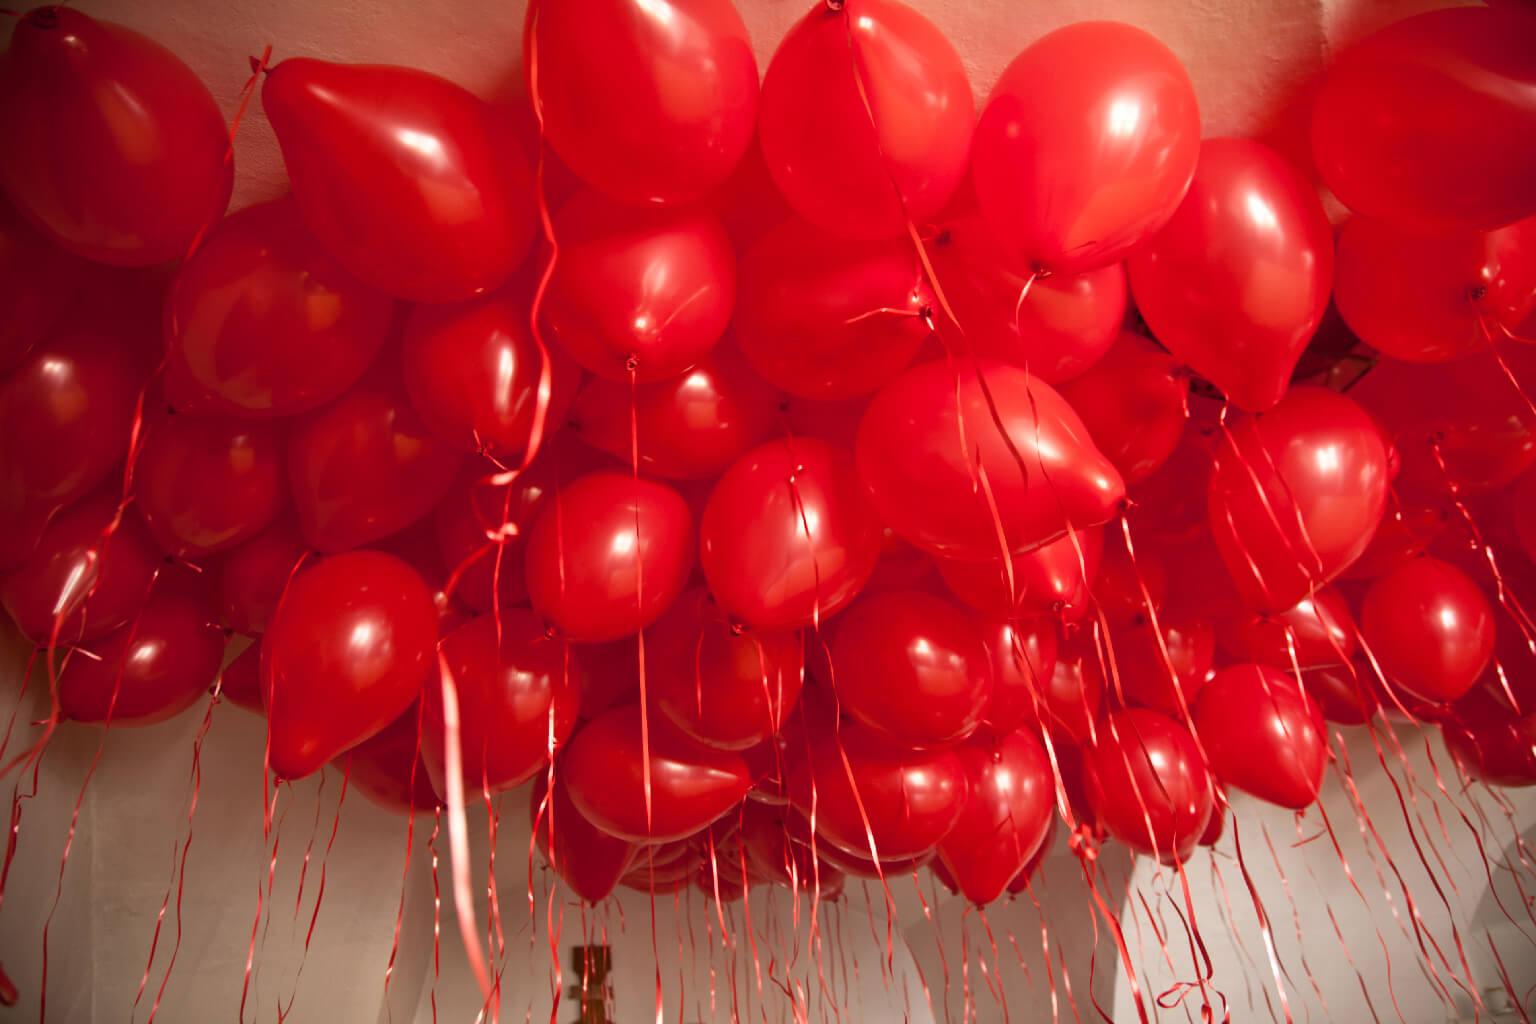 muchos globos de corazón rojo llenos de helio en el techo.